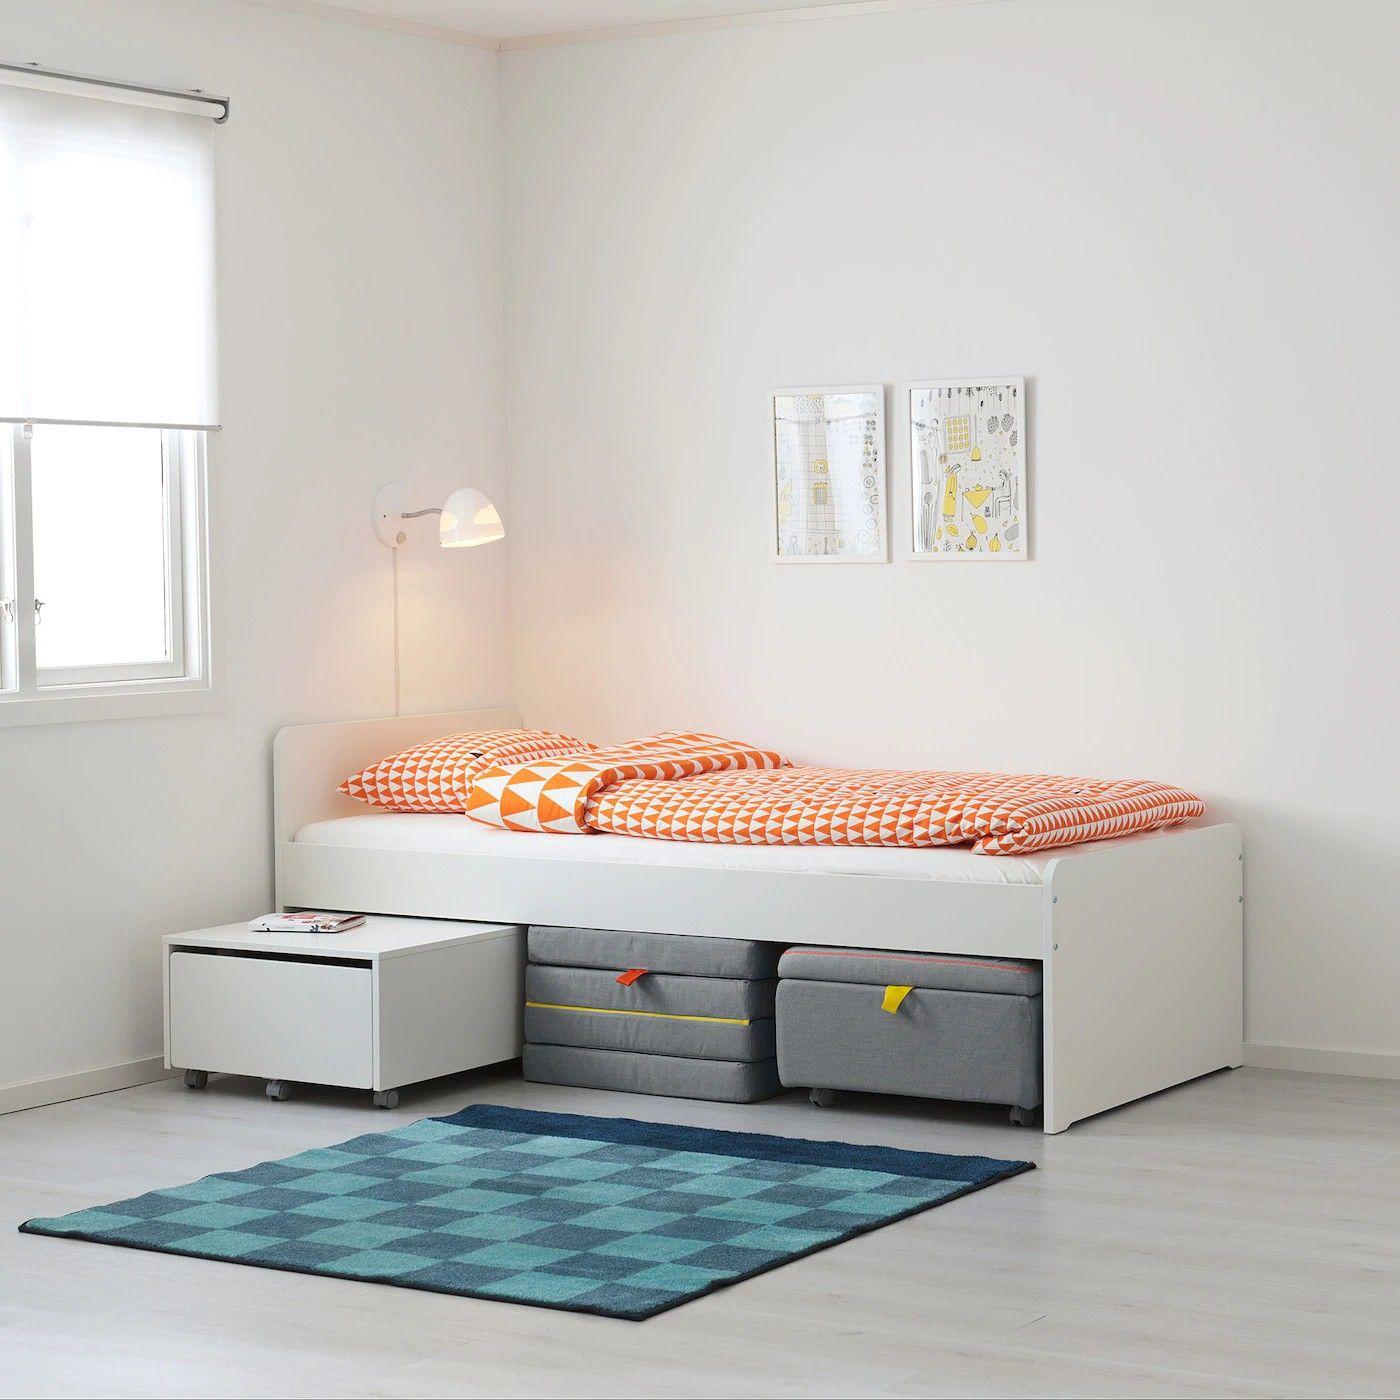 31+ Ikea bed and mattress deals ideas